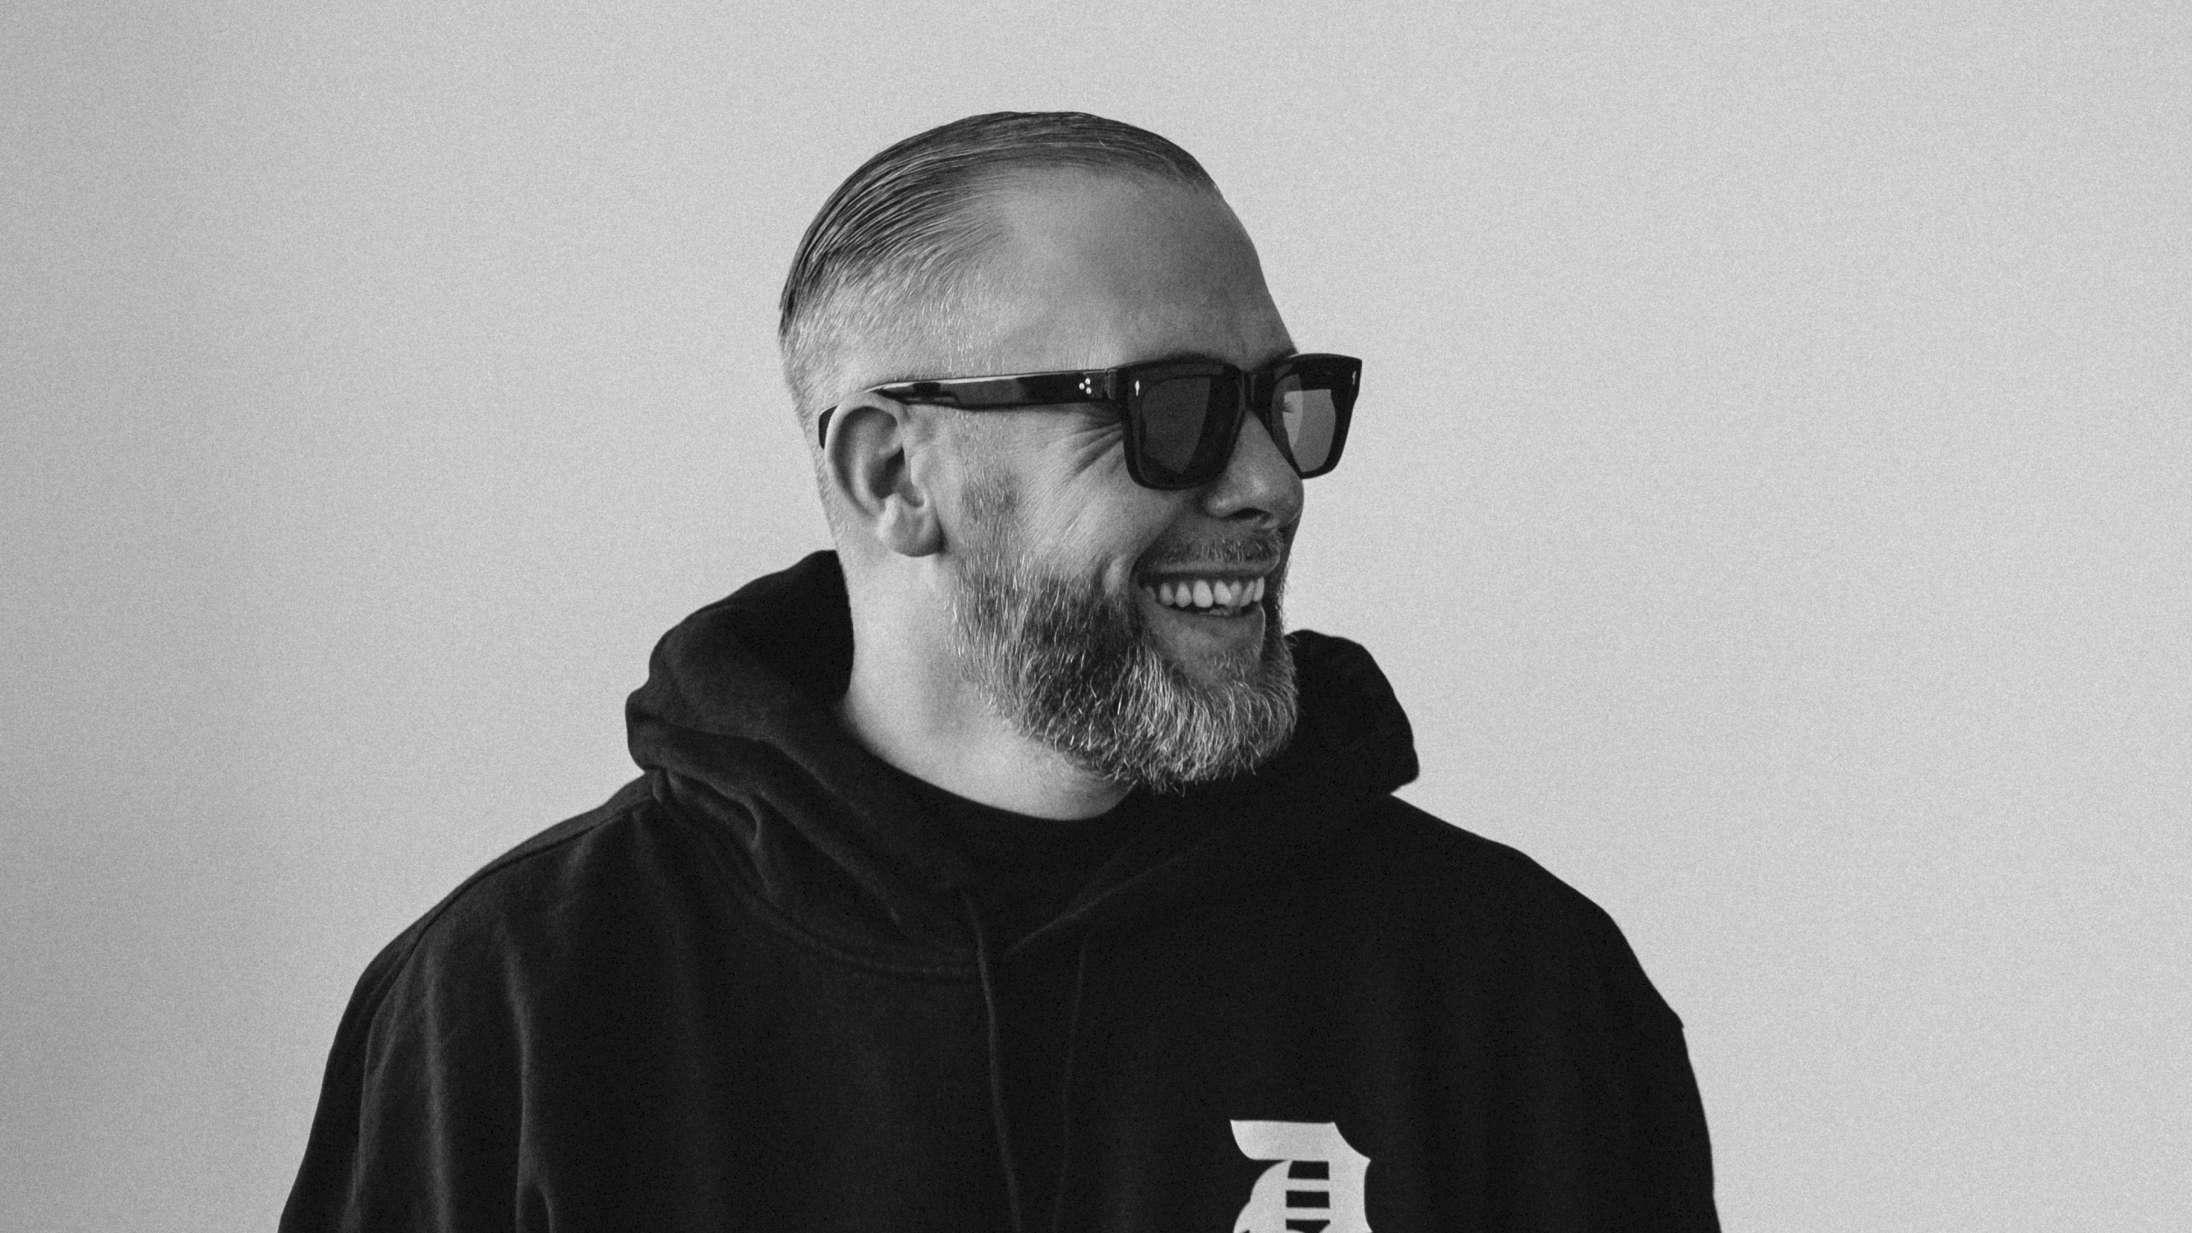 L.O.C. omfavner dansk raps ungdom: »Var det min generation, der fuckede det hele op?«